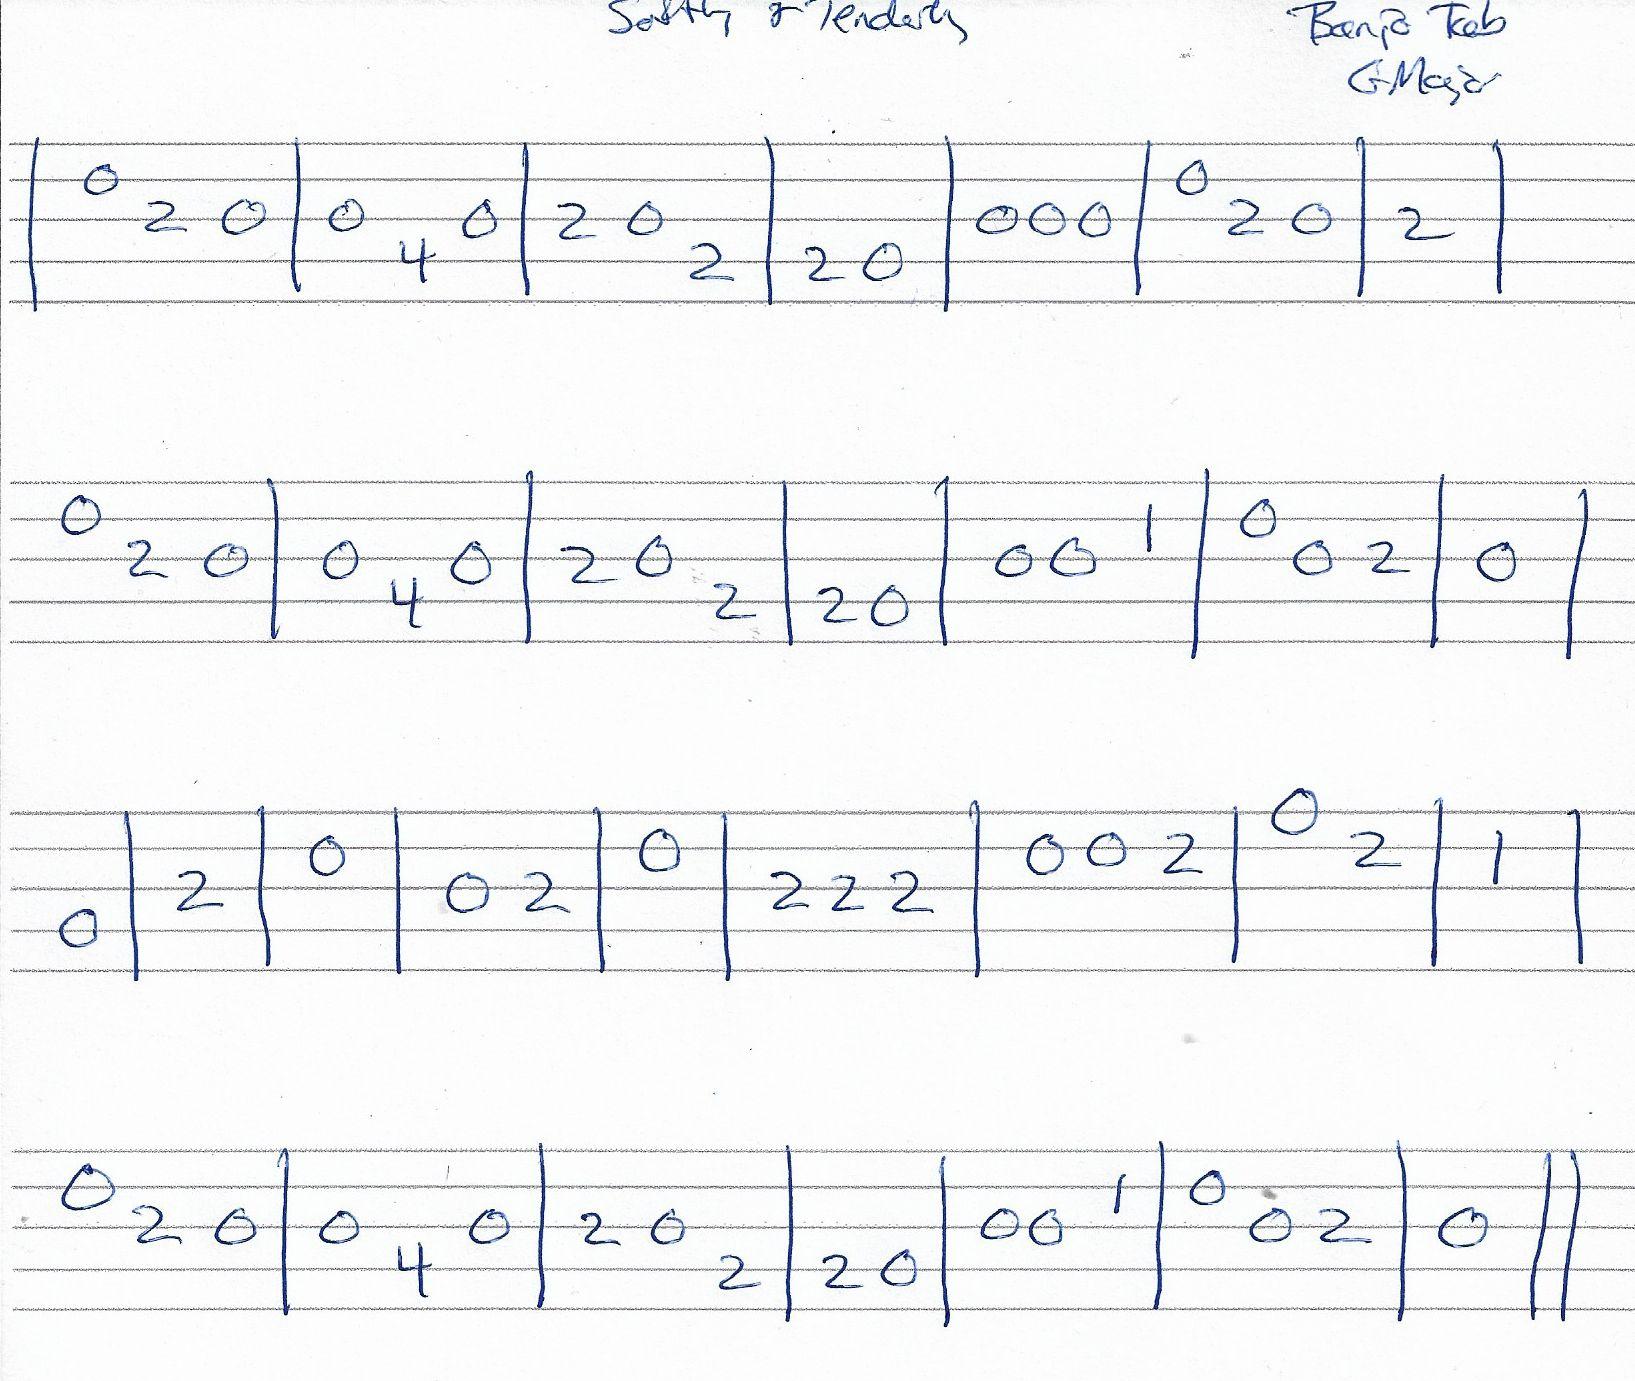 Softly And Tenderly Hymn Banjo Melody Tab In G Major Banjo Tabs Banjo Music Banjo